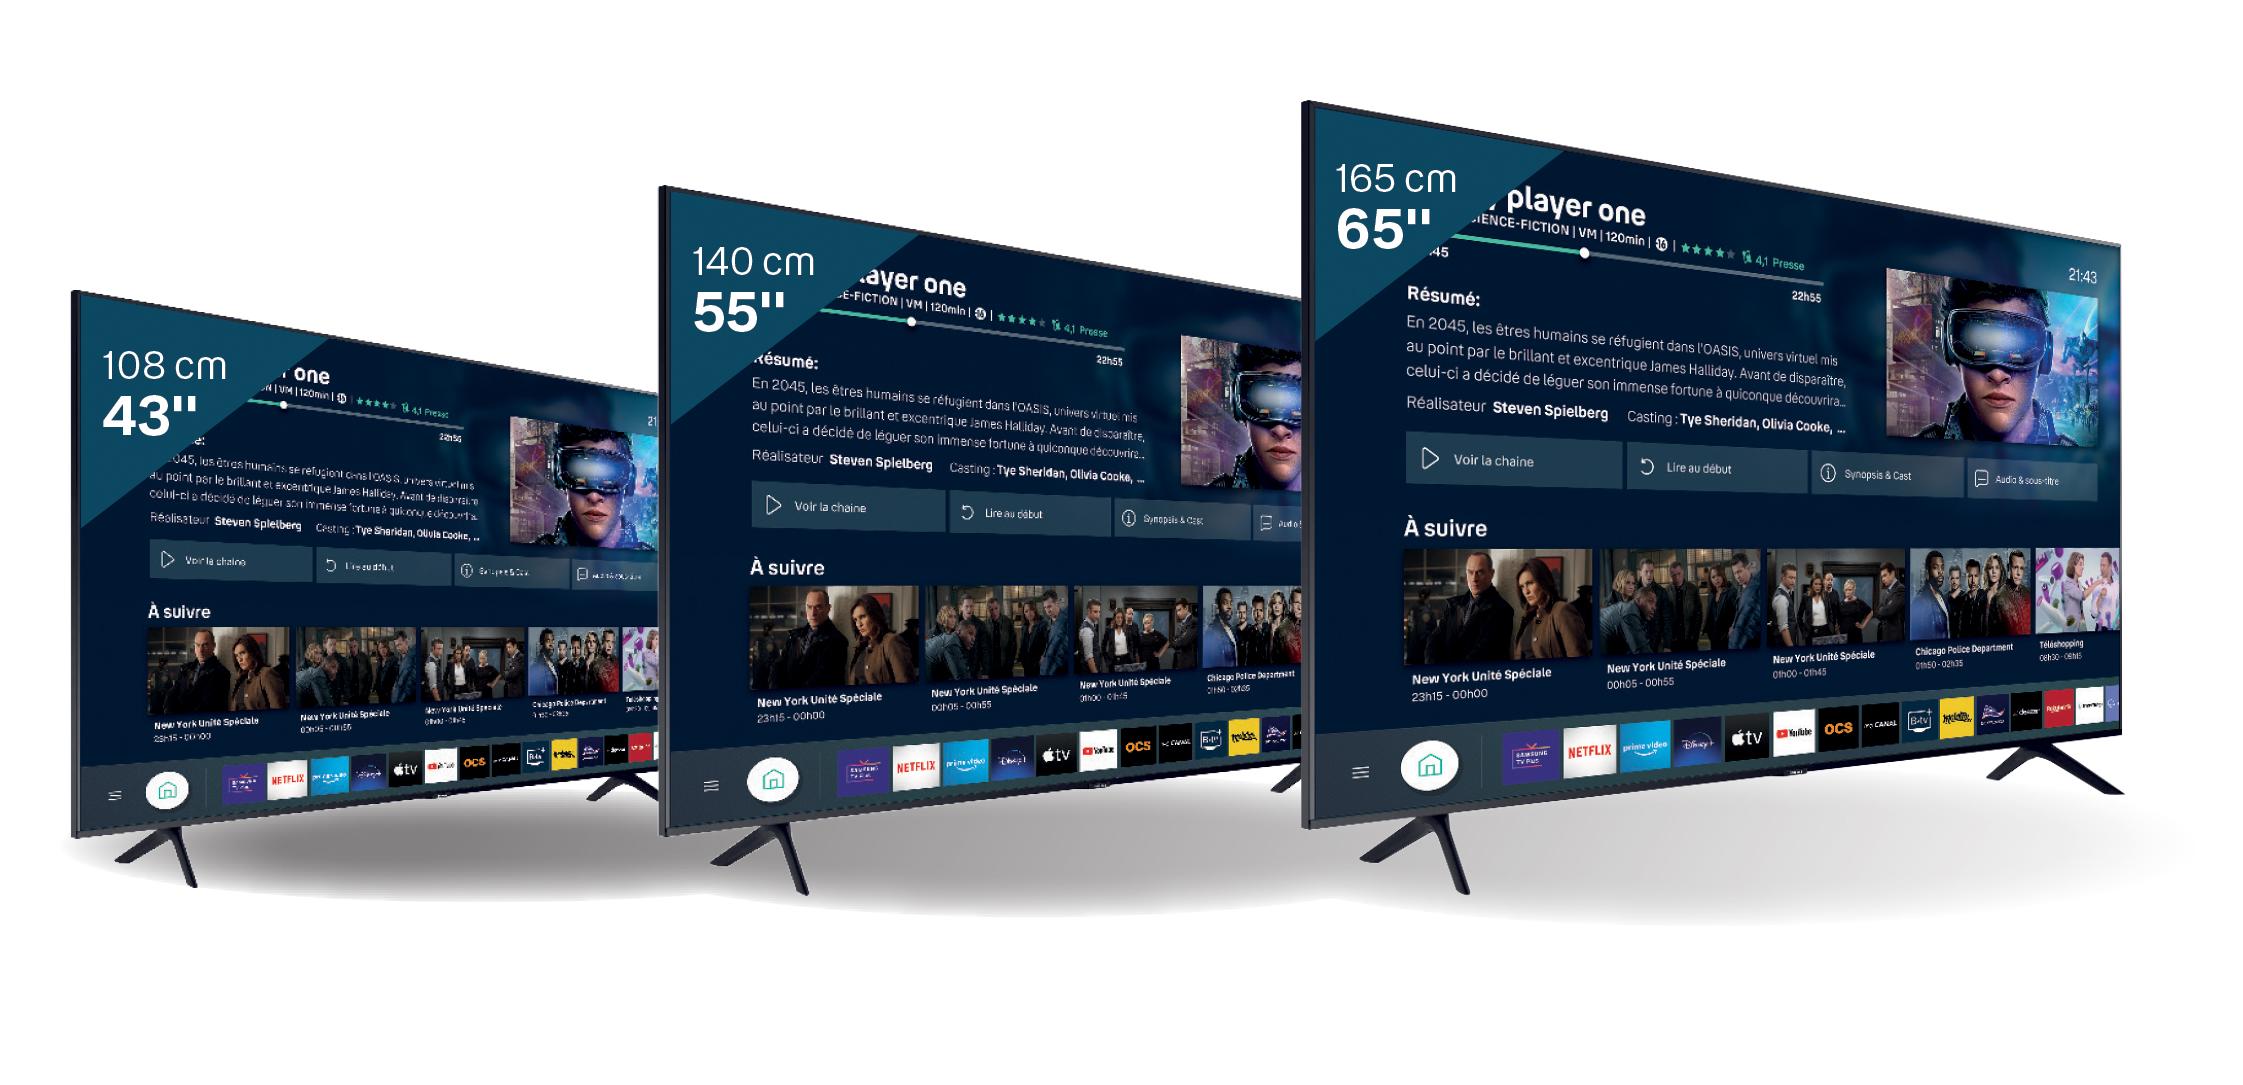 """Bbox Smart TV, une offre """"dématérialisée"""" a-t-elle de l'avenir ? (vidéo)"""